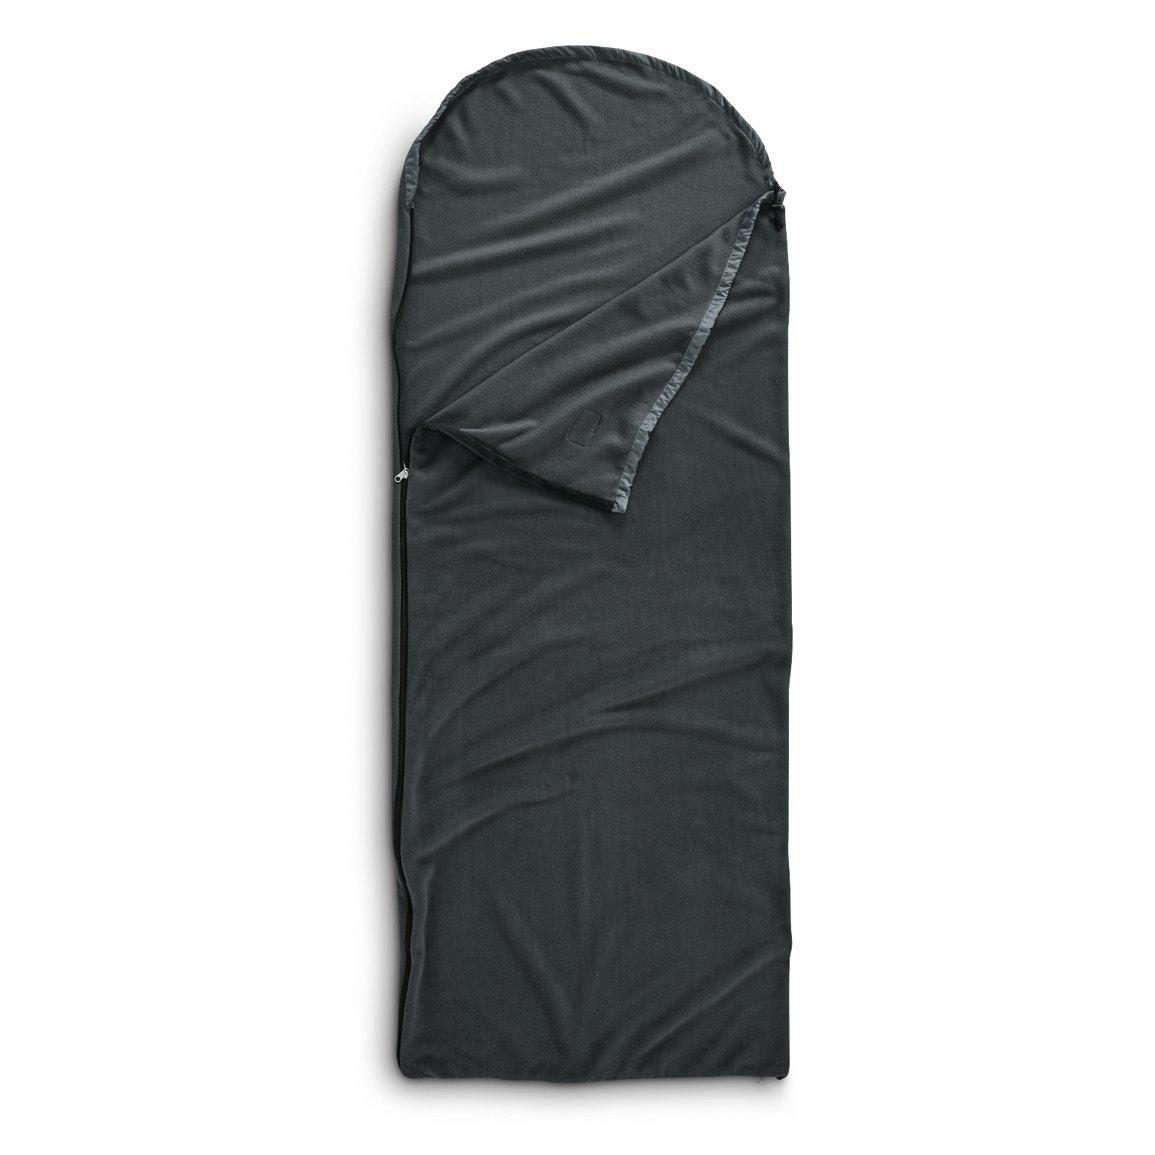 ガイドギアフリース寝袋ライナー B079KGXT61